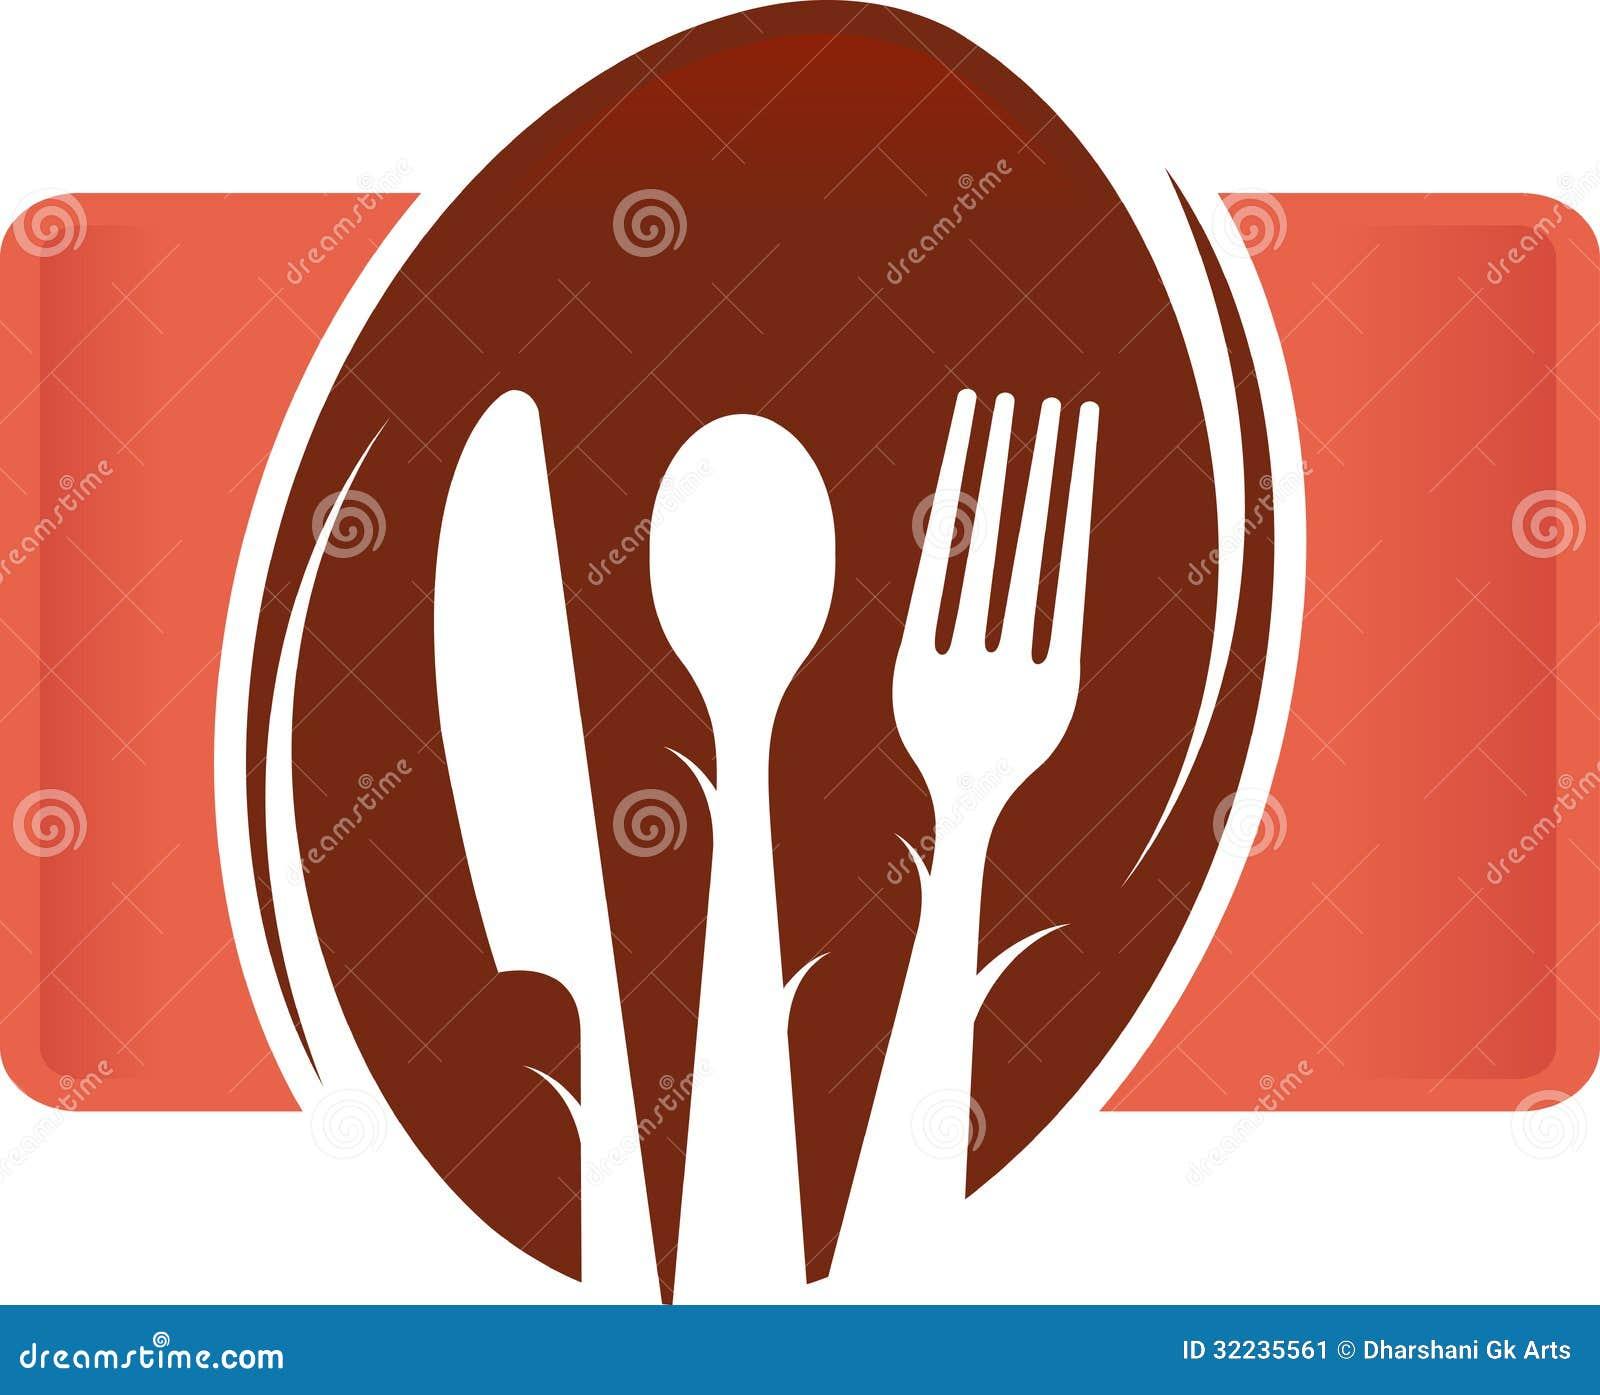 Kitchen utensil clip art - Restaurant Logo Stock Image Image 32235561